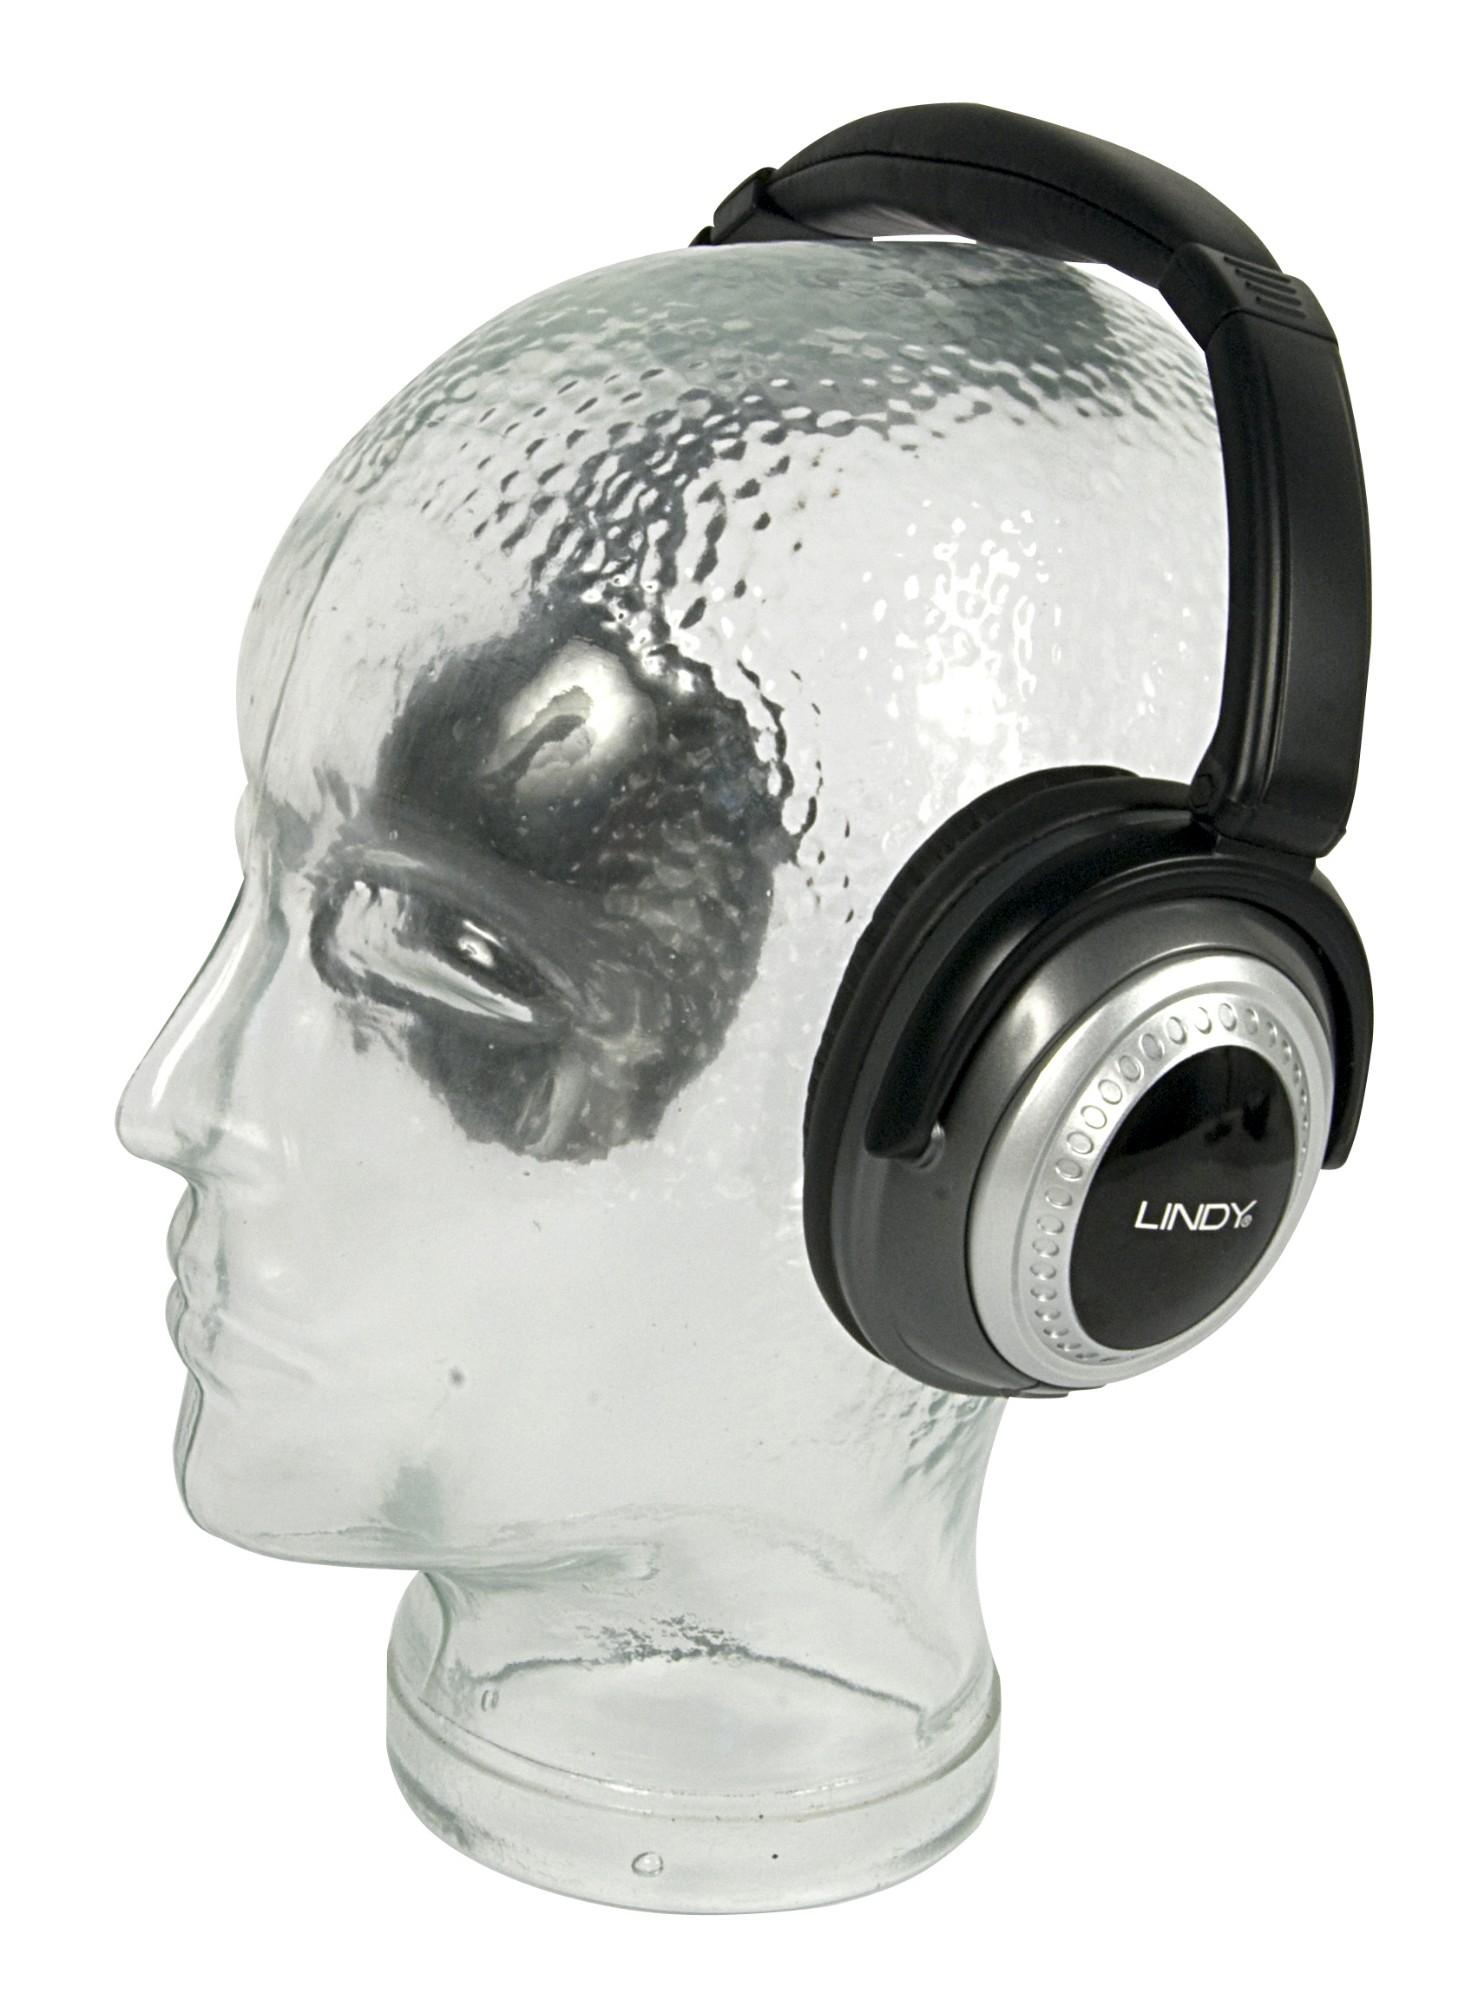 Lindy Cancelling Headphones Black Supraaural headphone